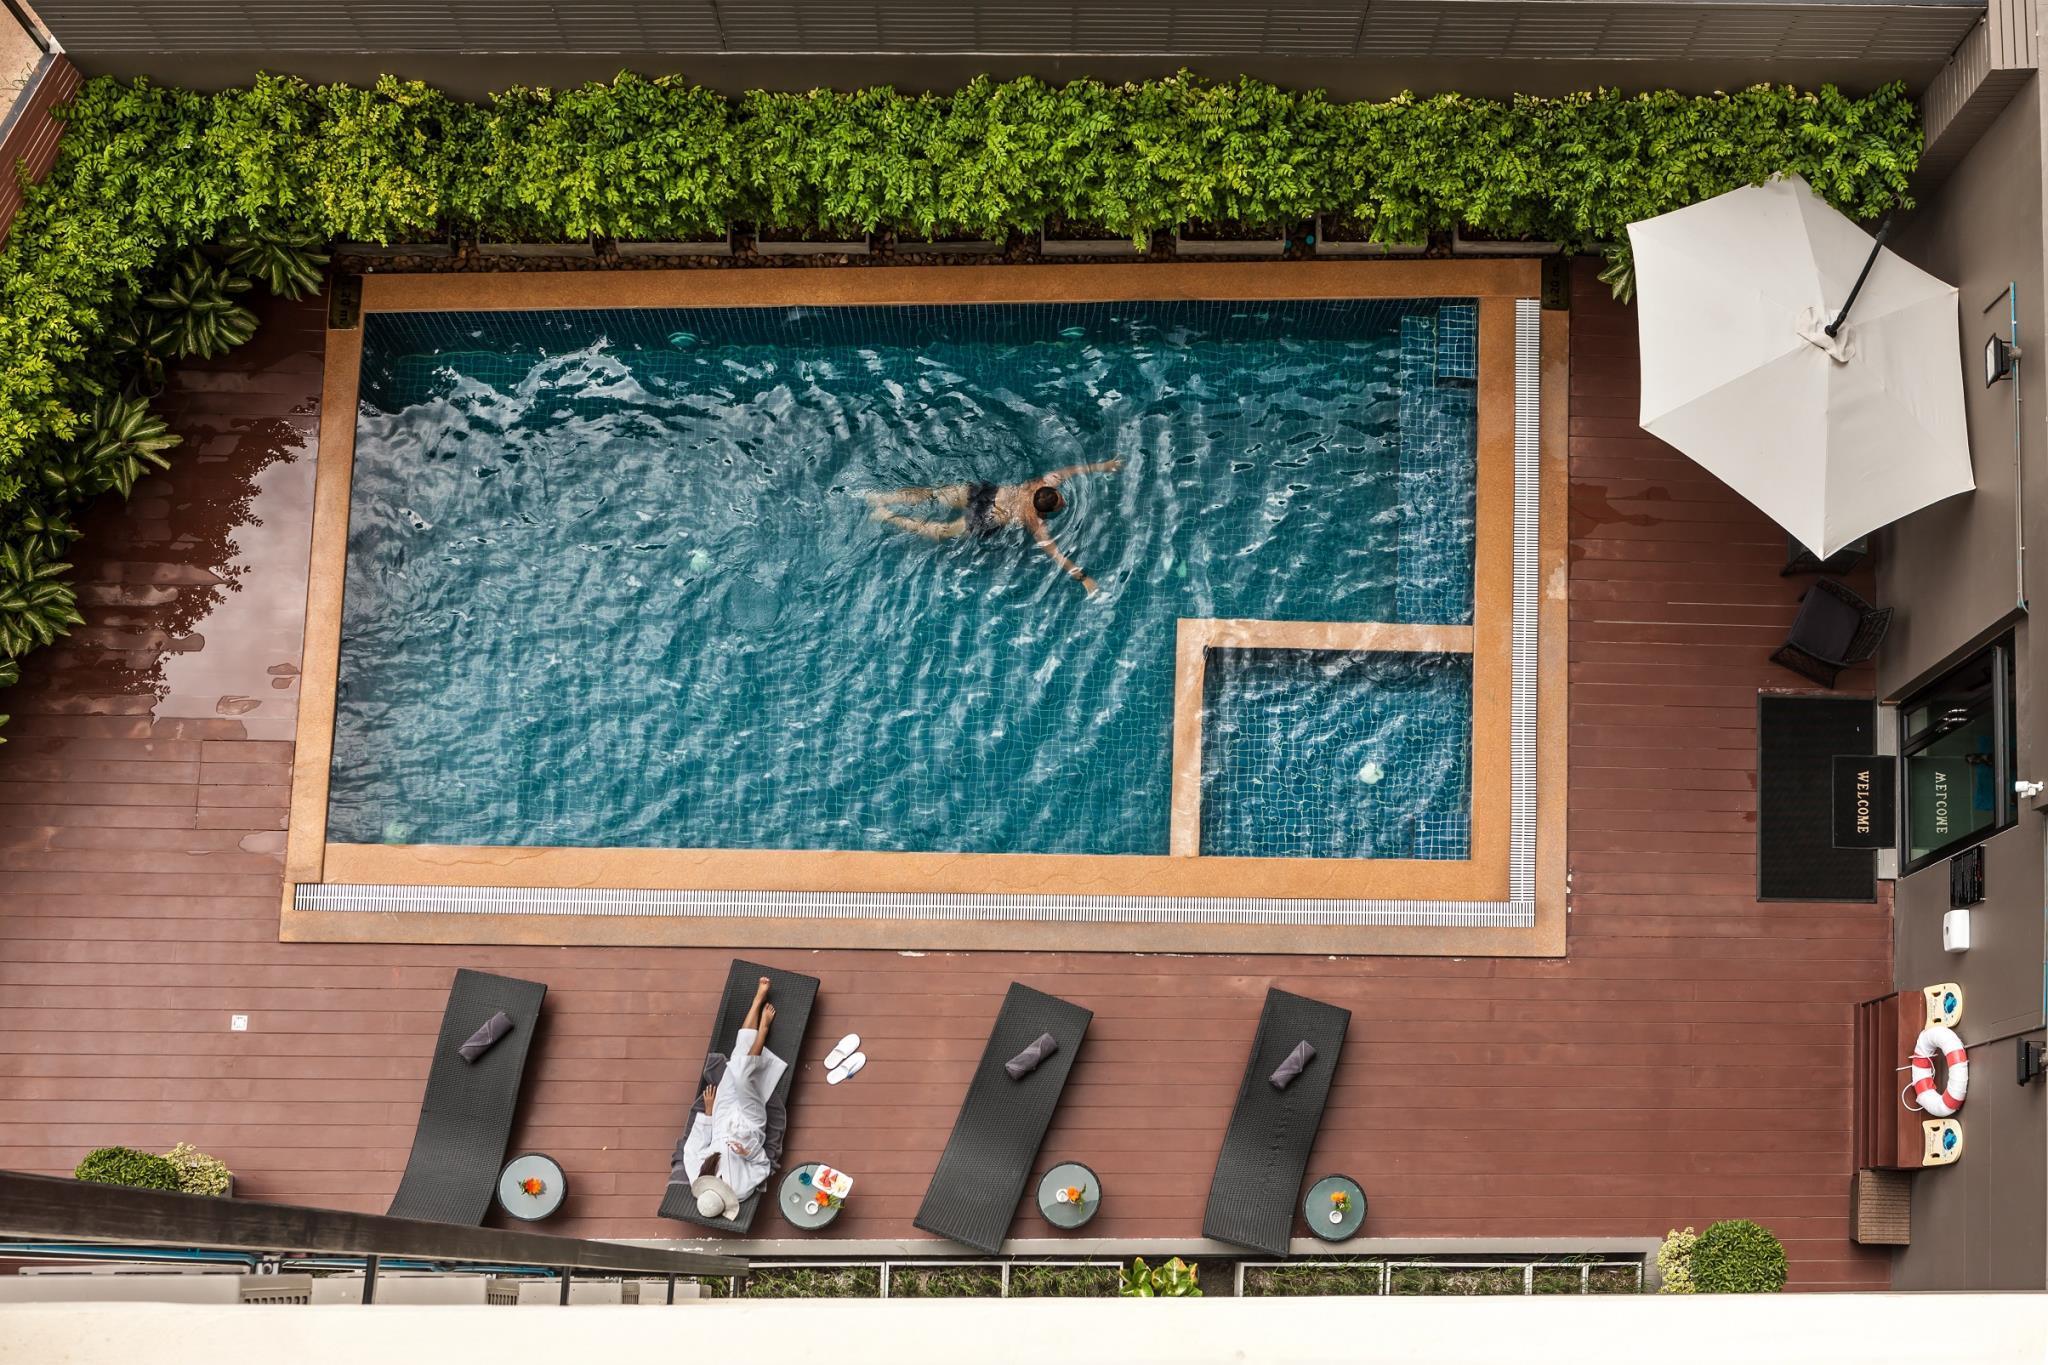 ซีมอร์ โฮเต็ล เชียงใหม่ บาย อันดาคูรา (Cmor Hotel Chiang Mai by Andacura) รีบจอง